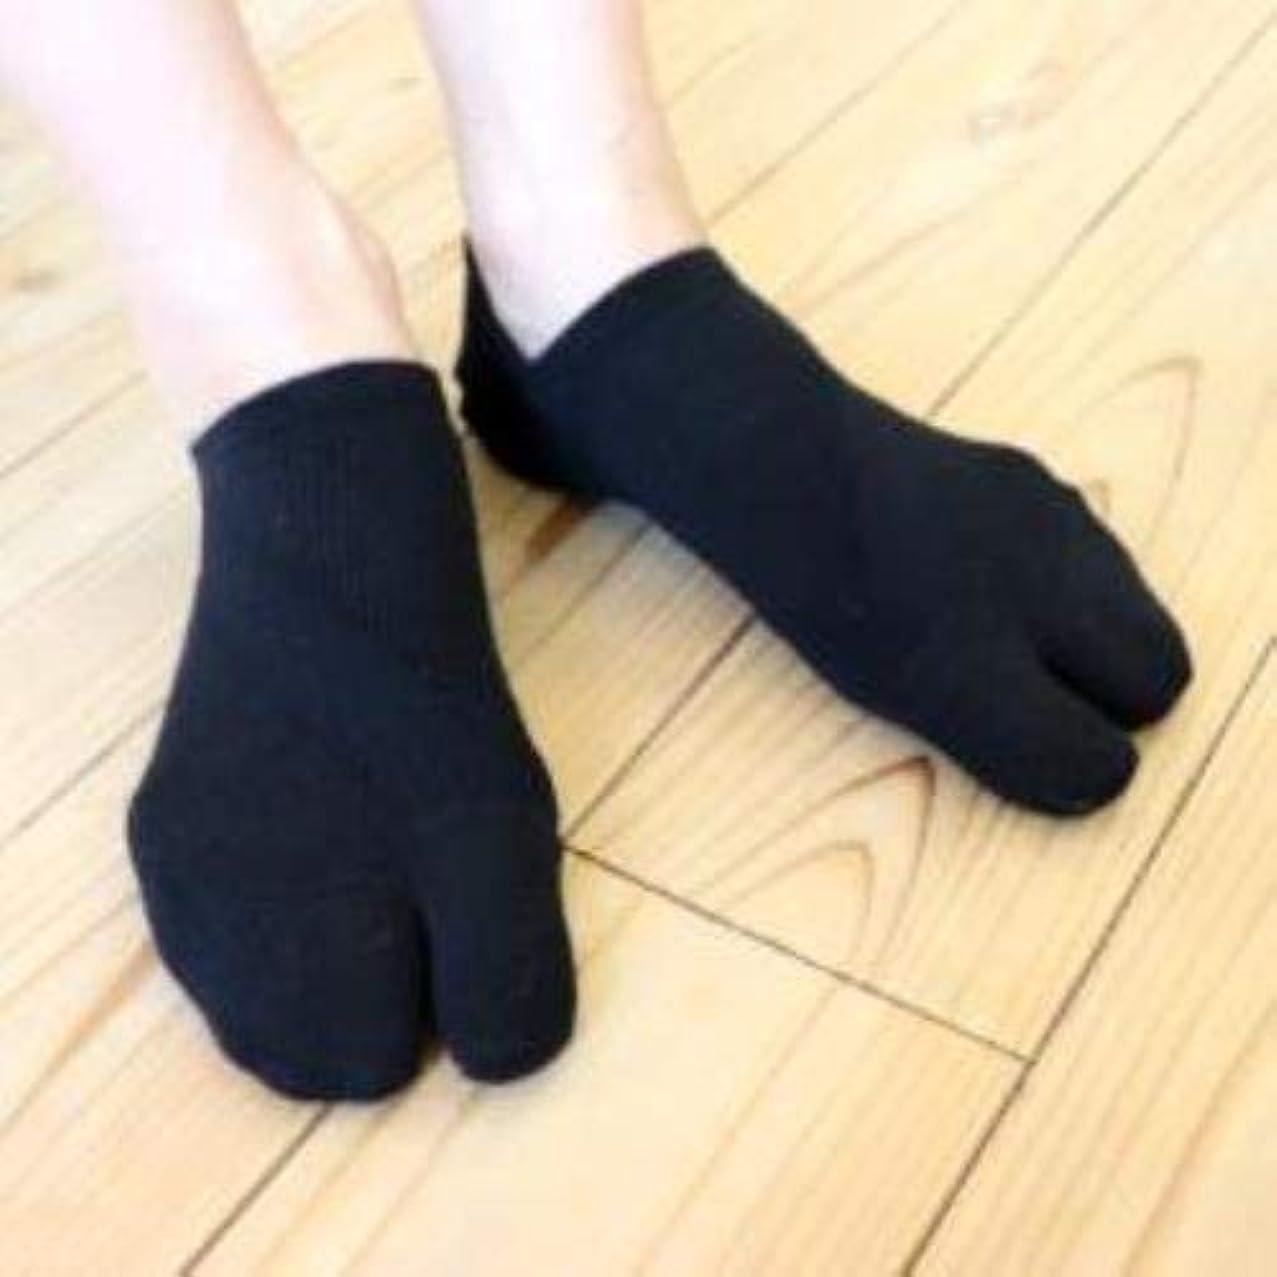 受け継ぐ稚魚扇動するさとう式 フレクサーソックス スニーカータイプ 黒 (L) 足袋型